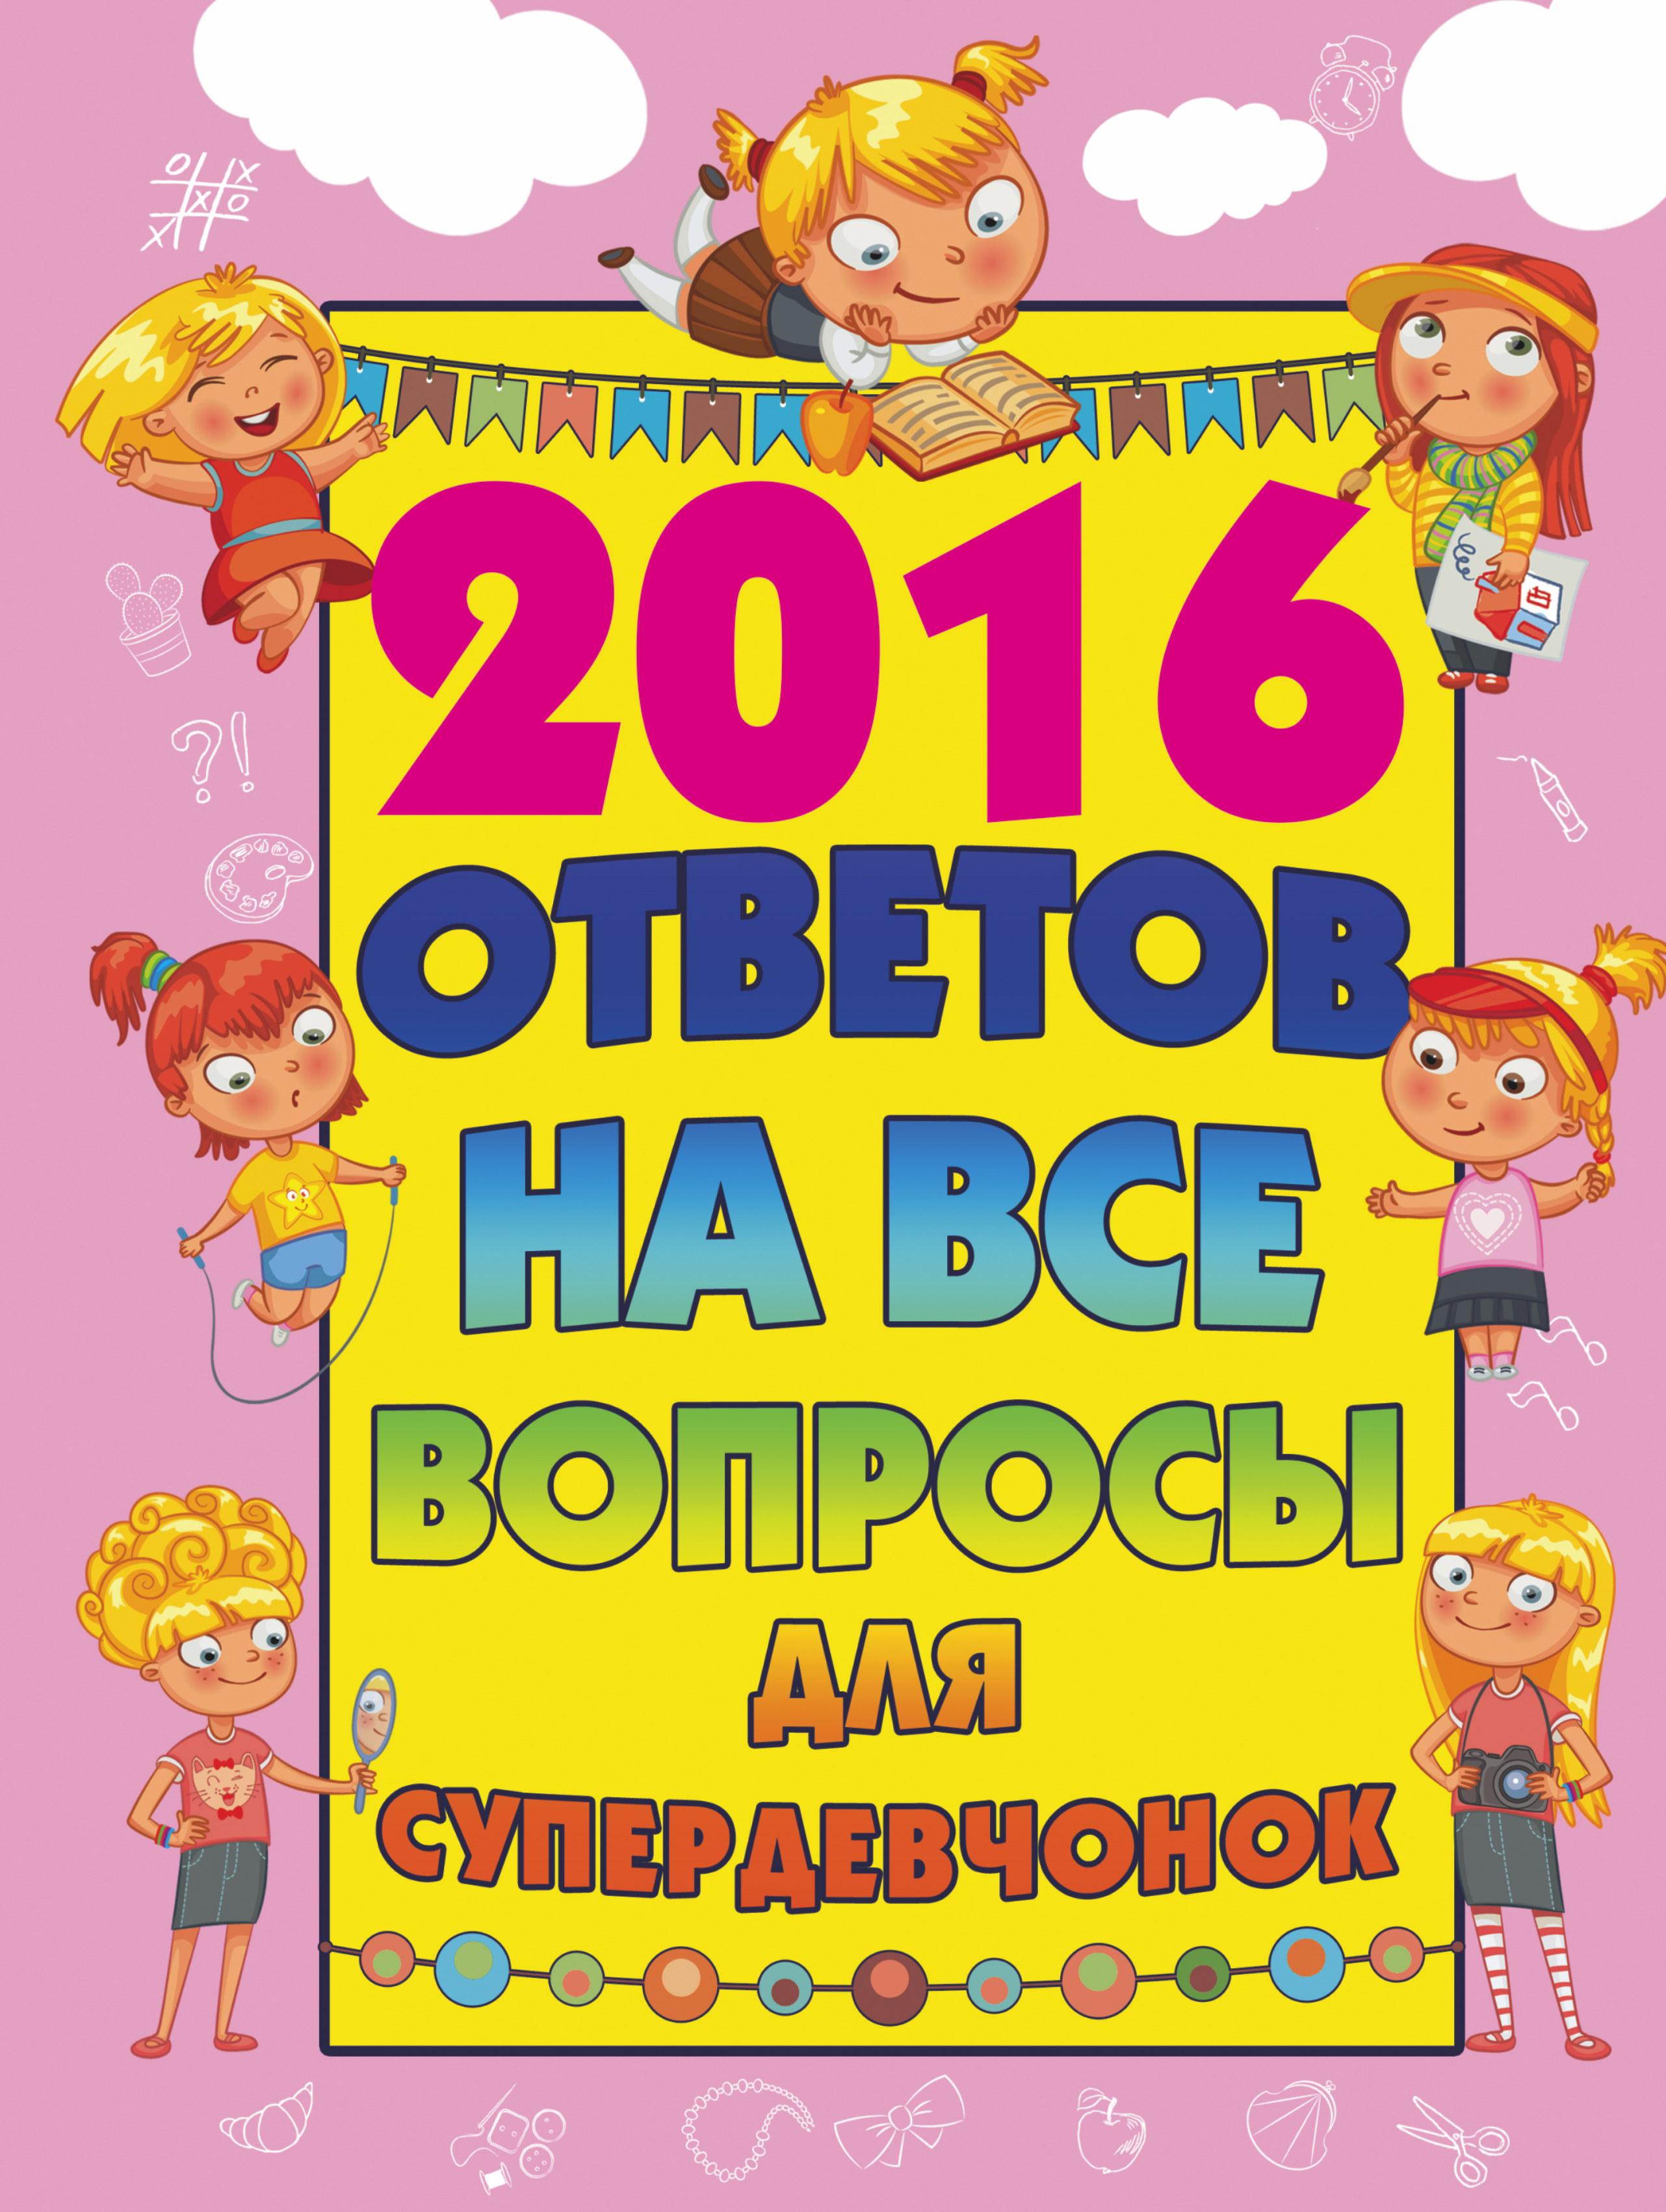 Бондарович А. 2016 ответов на все вопросы для супердевочек